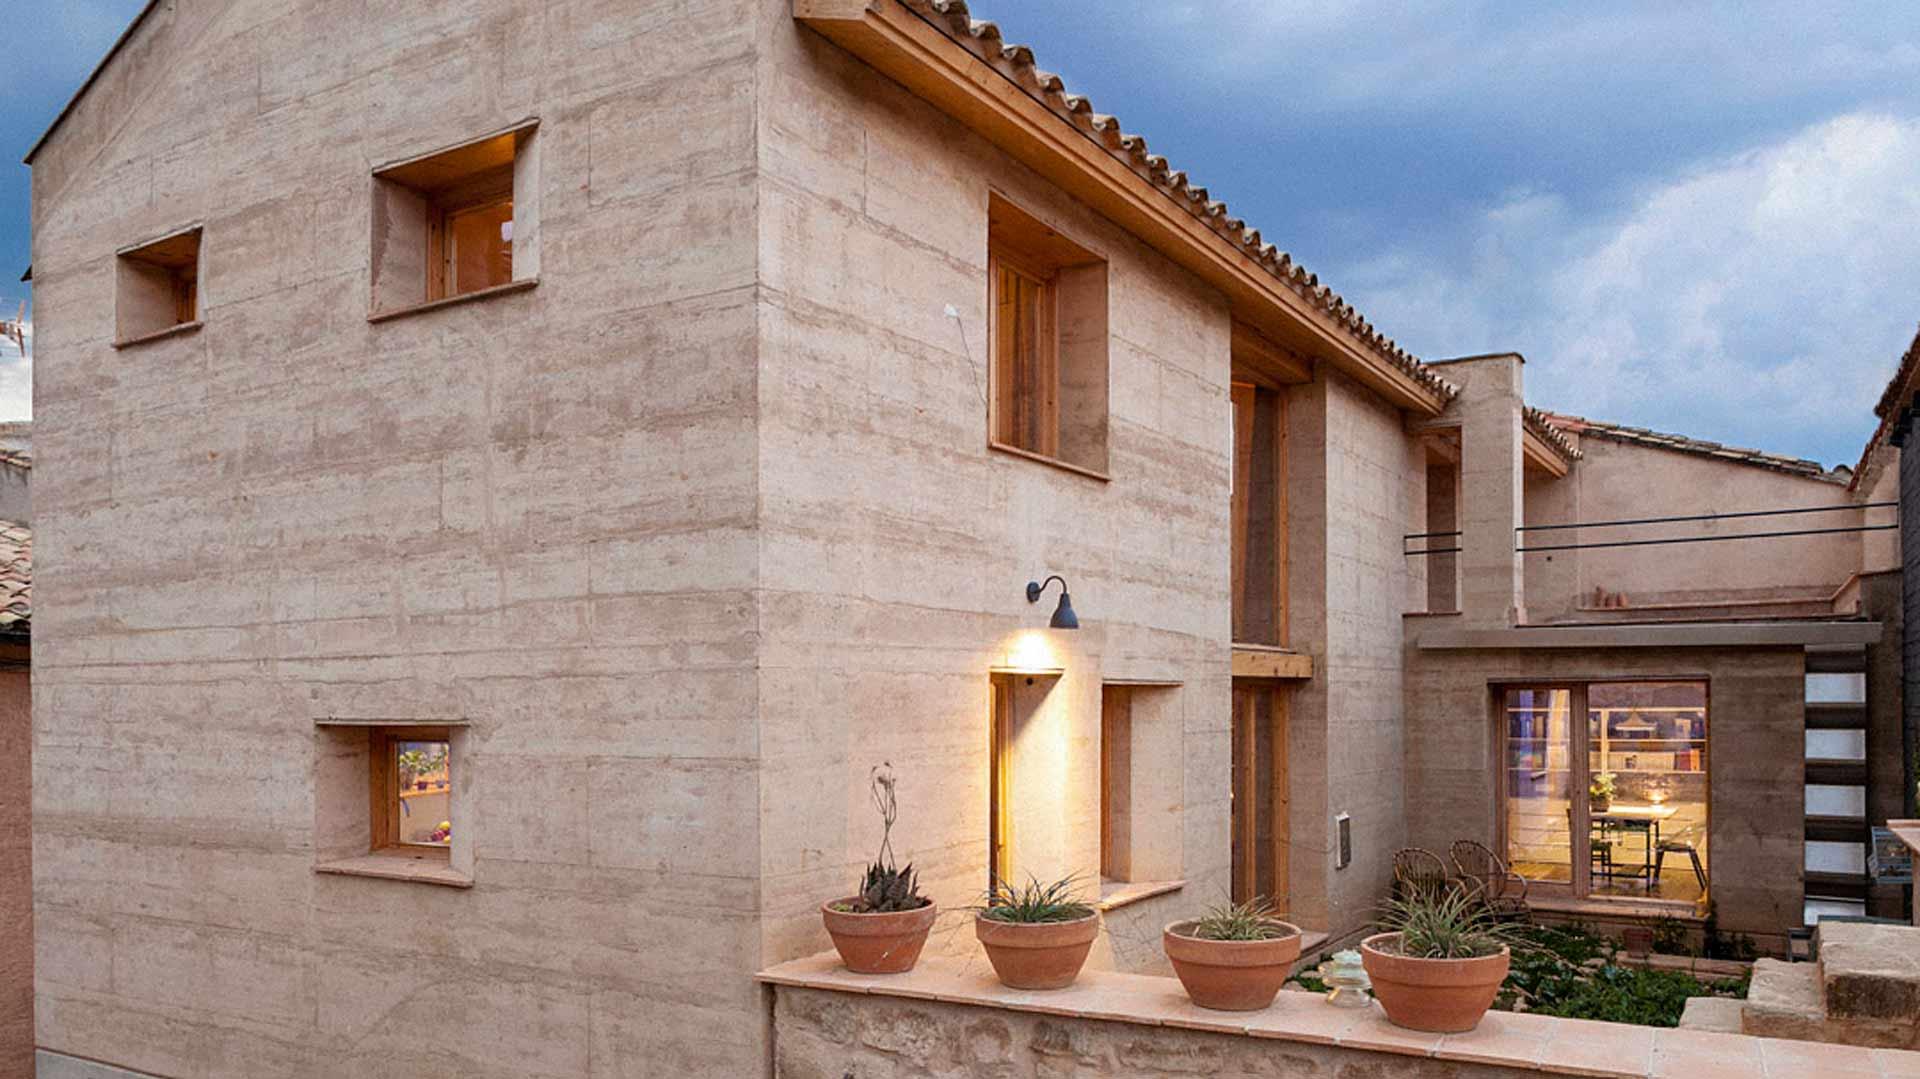 Casa de tapial edra estudio de arquitectura - Casas de materiales ...